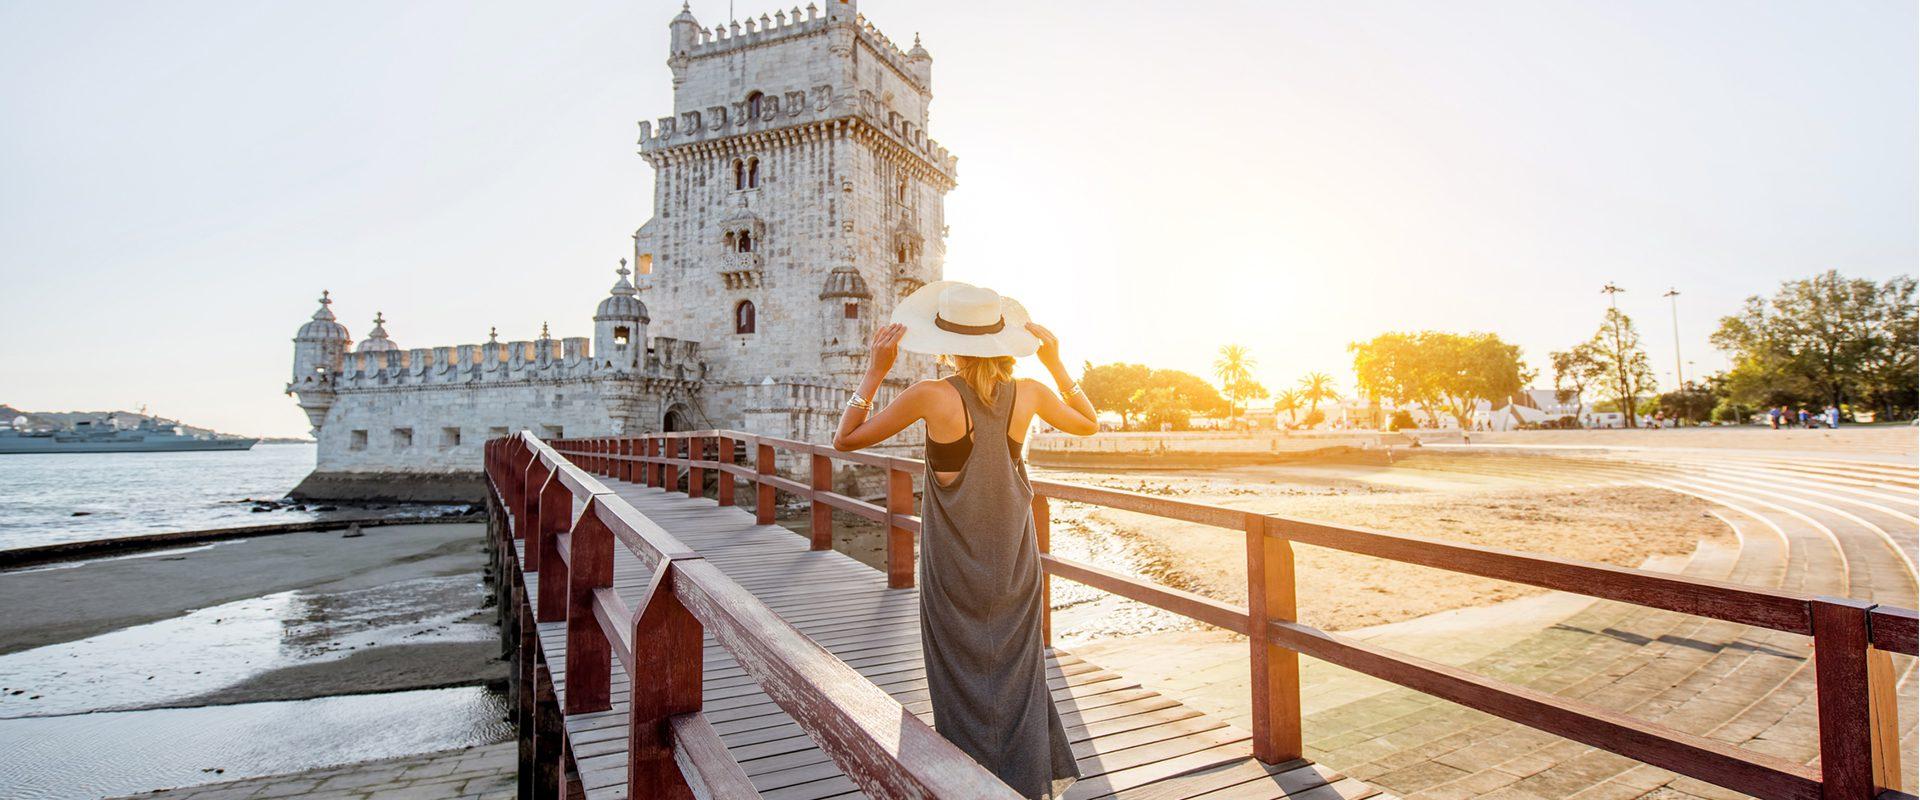 Lisboa, una capital europea en plena transformación